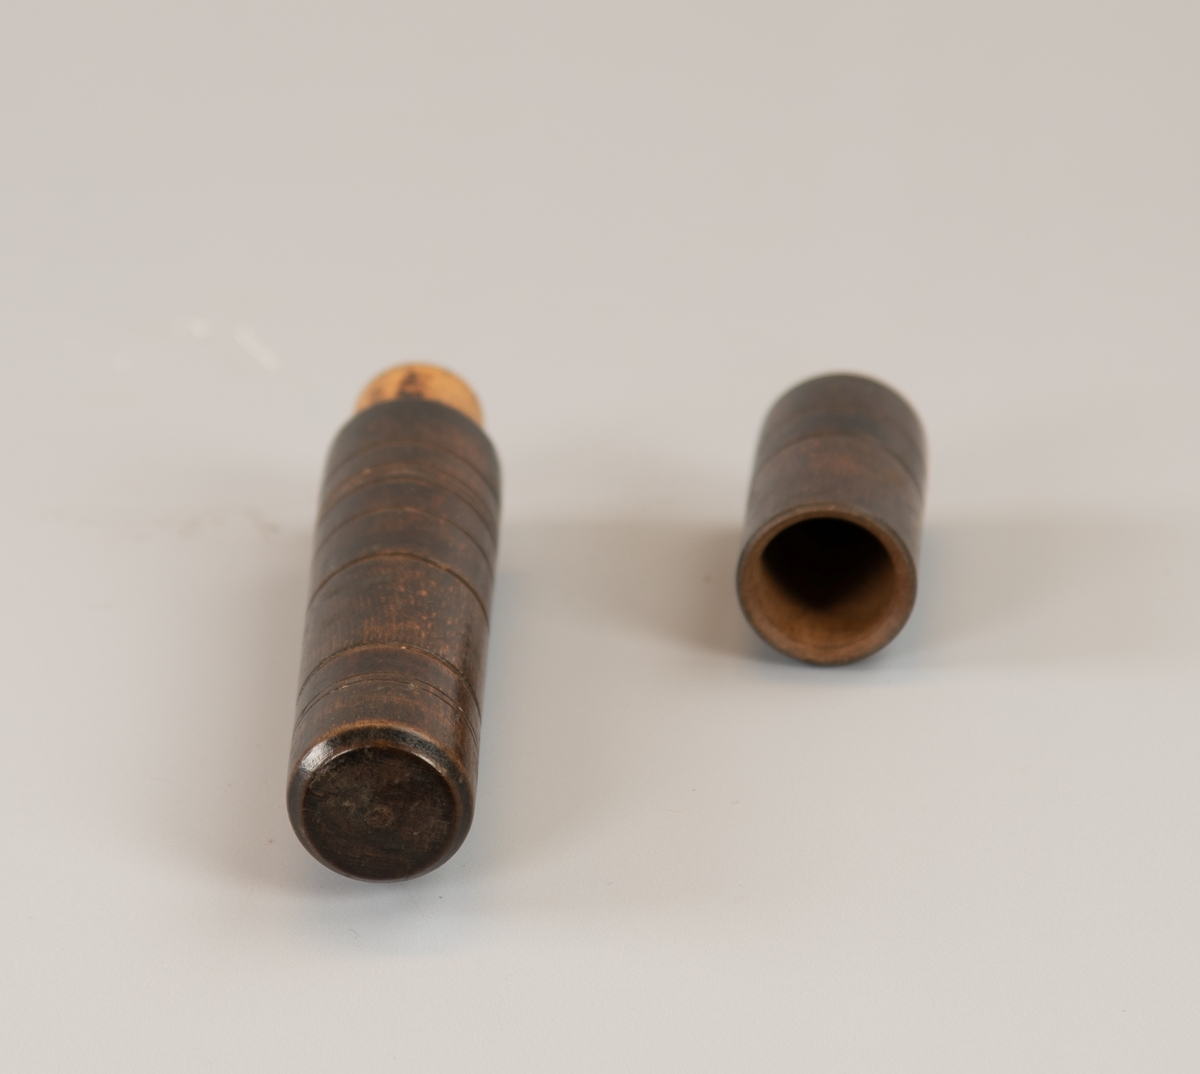 Smal sylinder med innskårne ringer. Lokk.